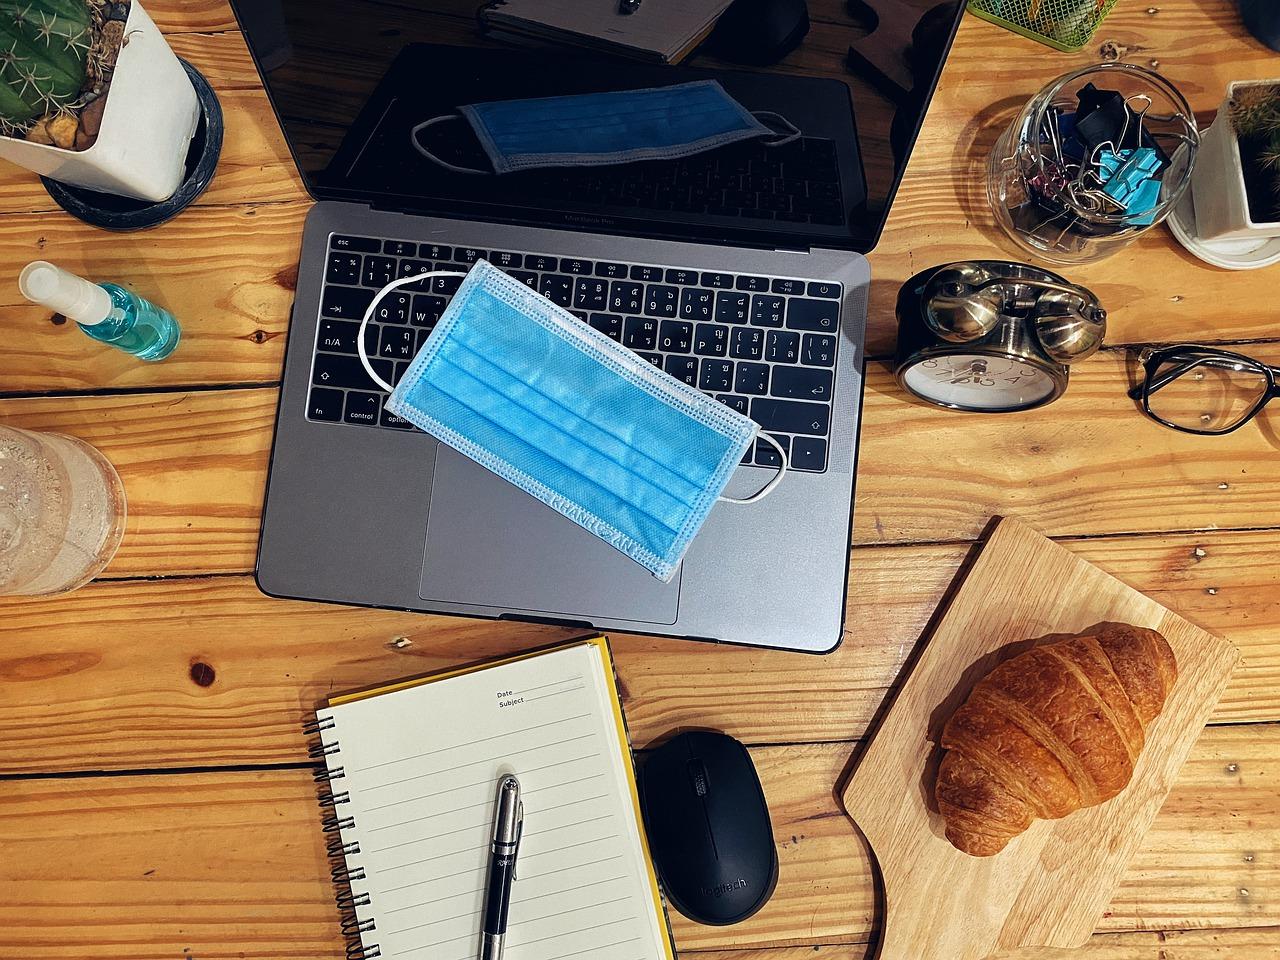 Pracovný stôl pre home office s notebookom, diárom a rúškom